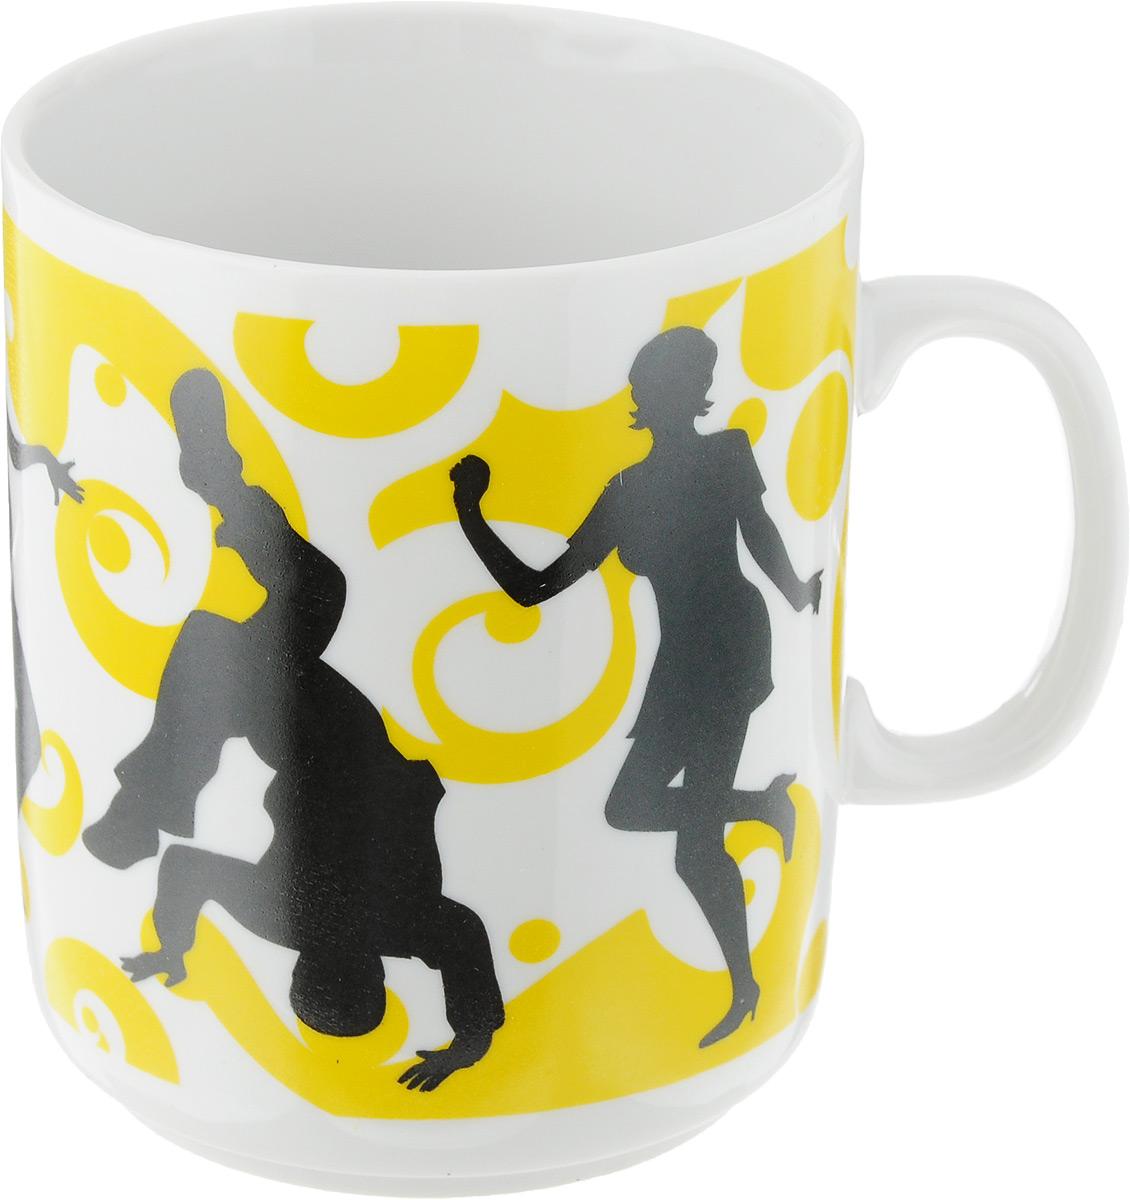 Кружка Фарфор Вербилок Dance, цвет: желтый, 300 мл9272060_желтыйКружка Фарфор Вербилок Dance, цвет: желтый, 300 мл